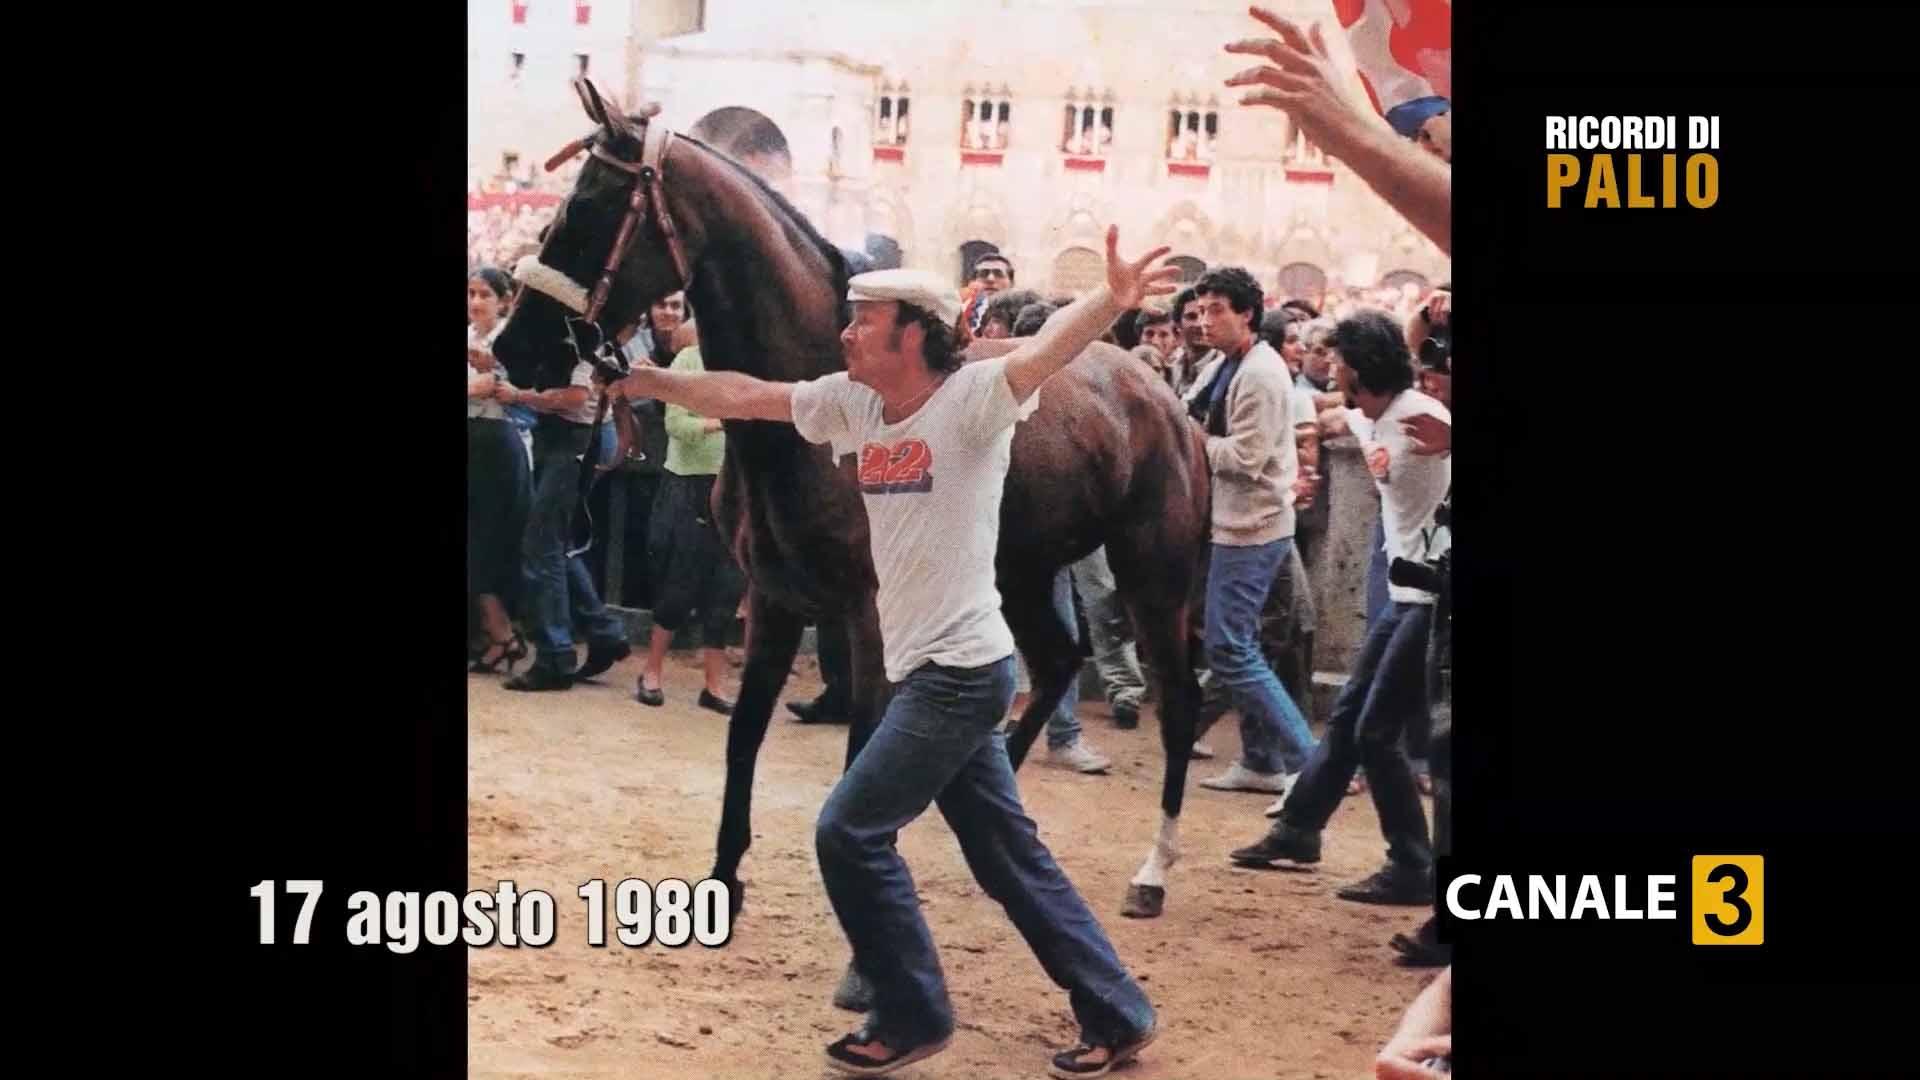 Luciano Chiti Vittorioso dopo il Palio del 17 agosto 1980 con Uana de Lechereo